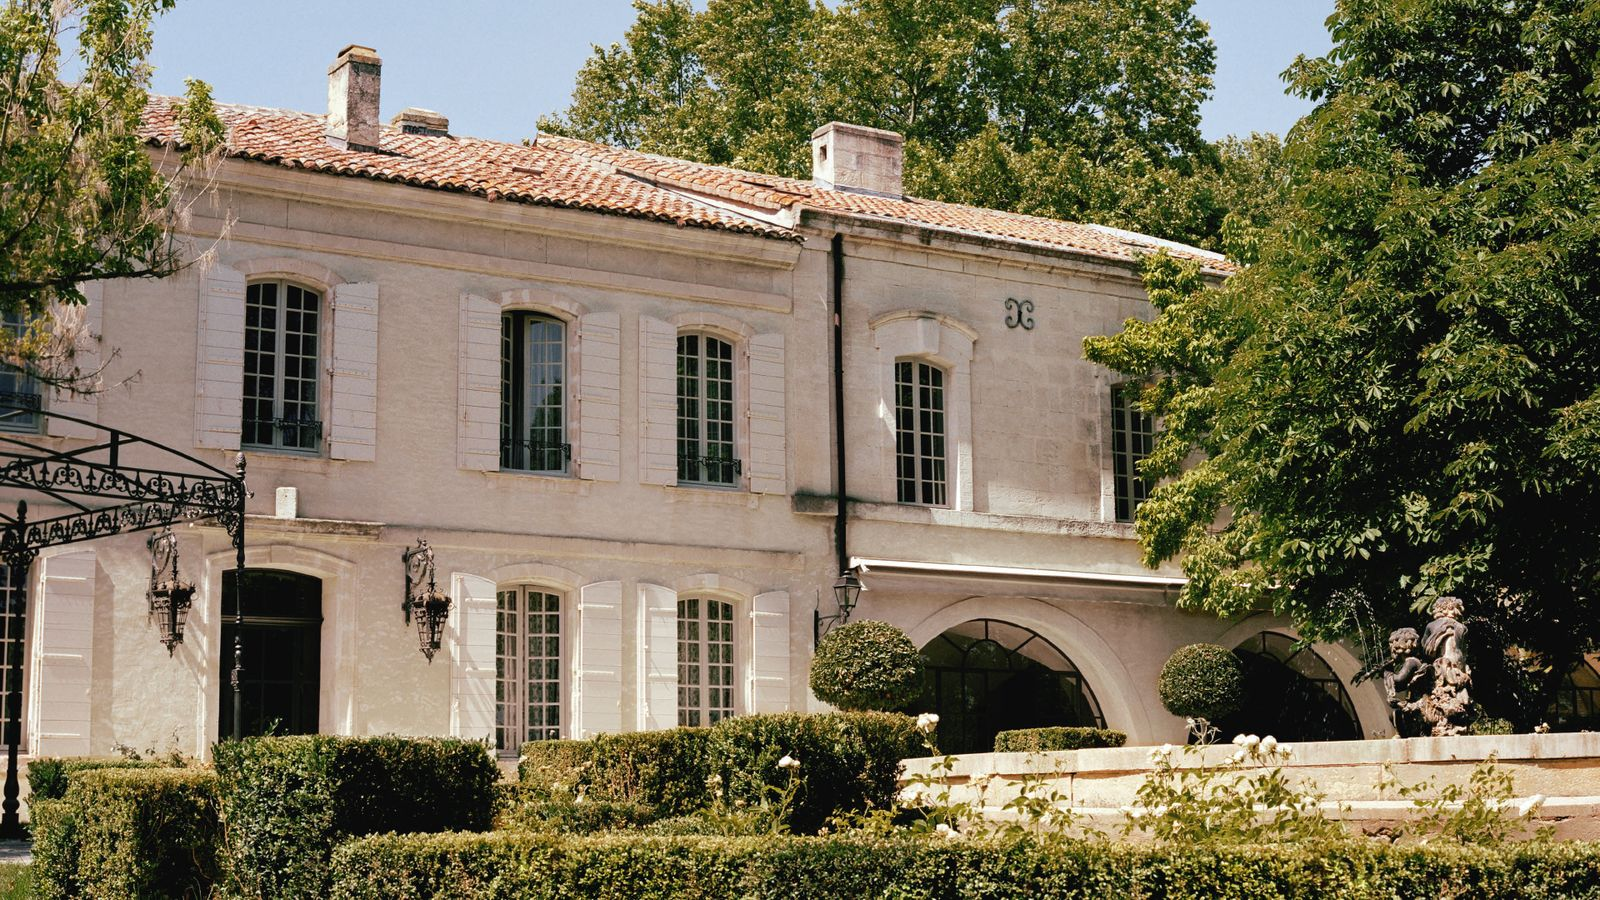 Location saisonnière avec piscine privée en Provence Bouches-du-Rhône